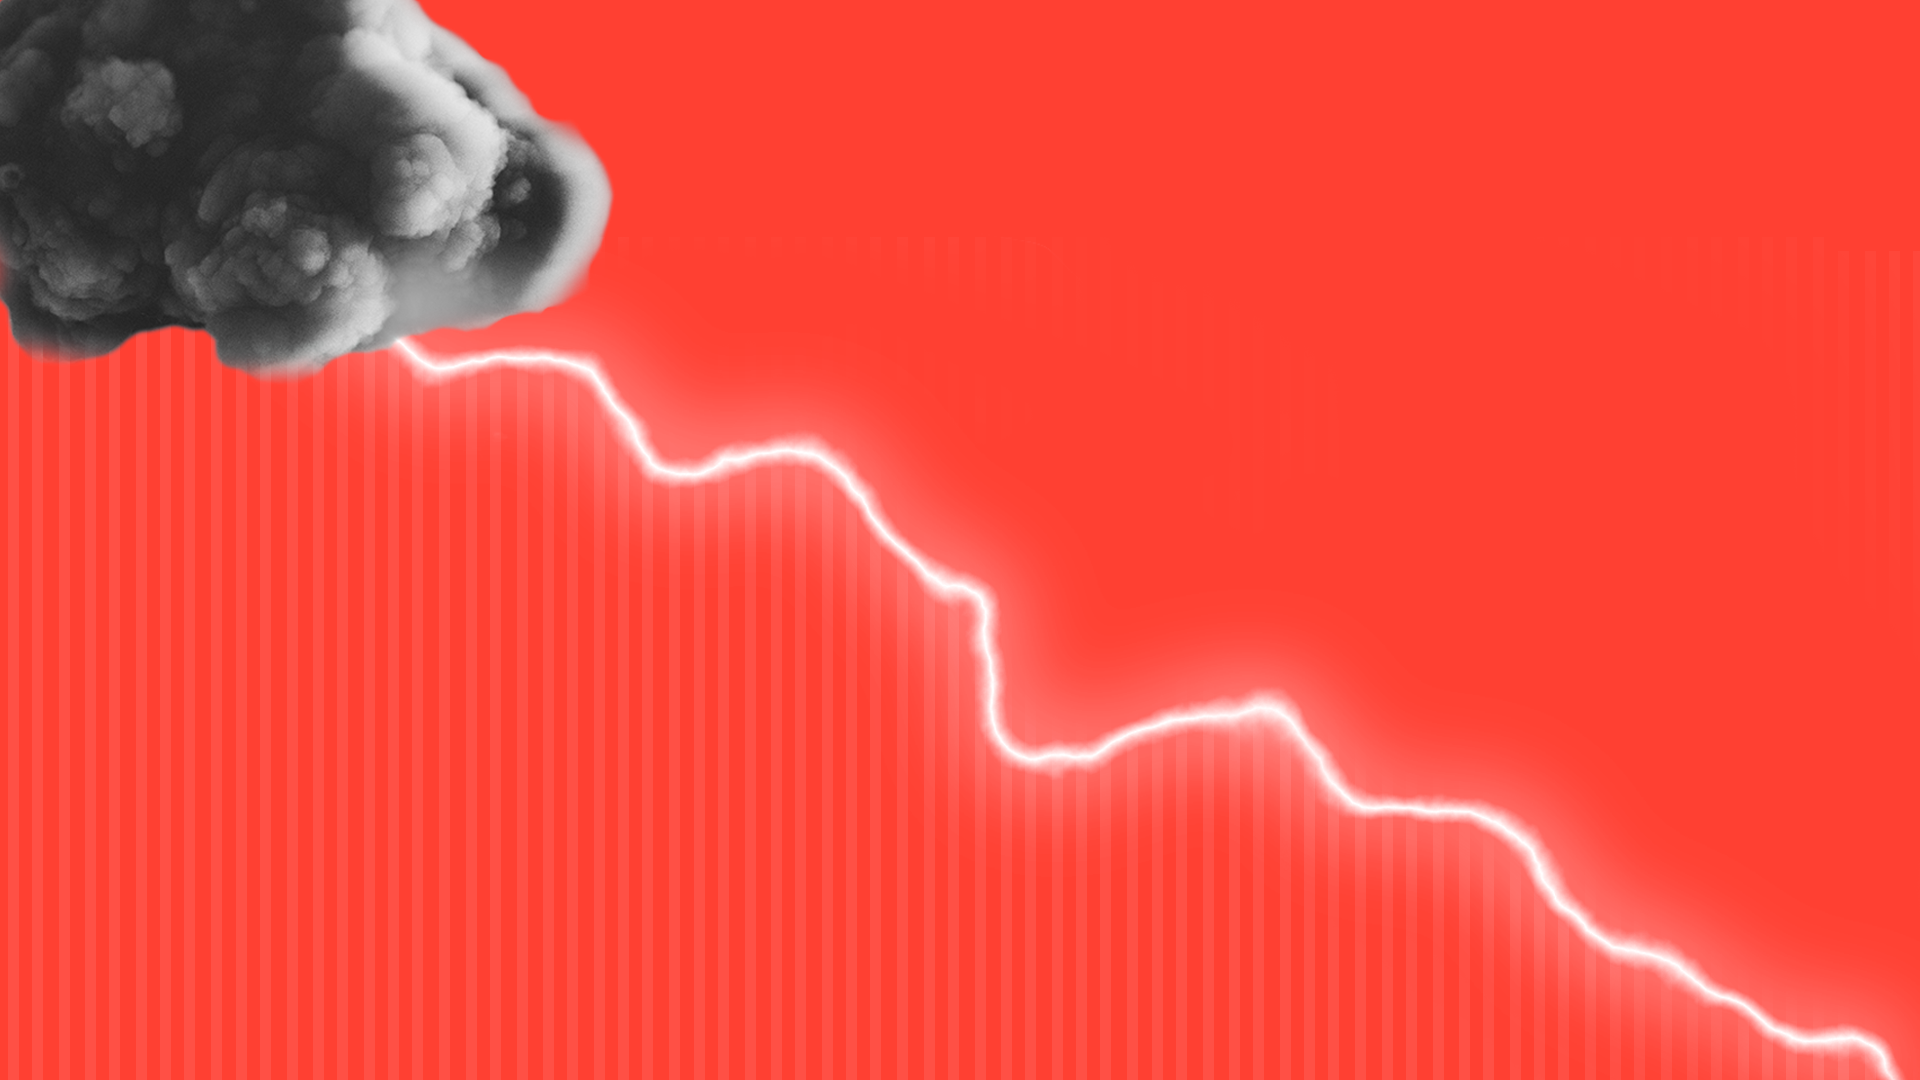 Illustration of a lightening bolt in the shape of a downward trending market line.